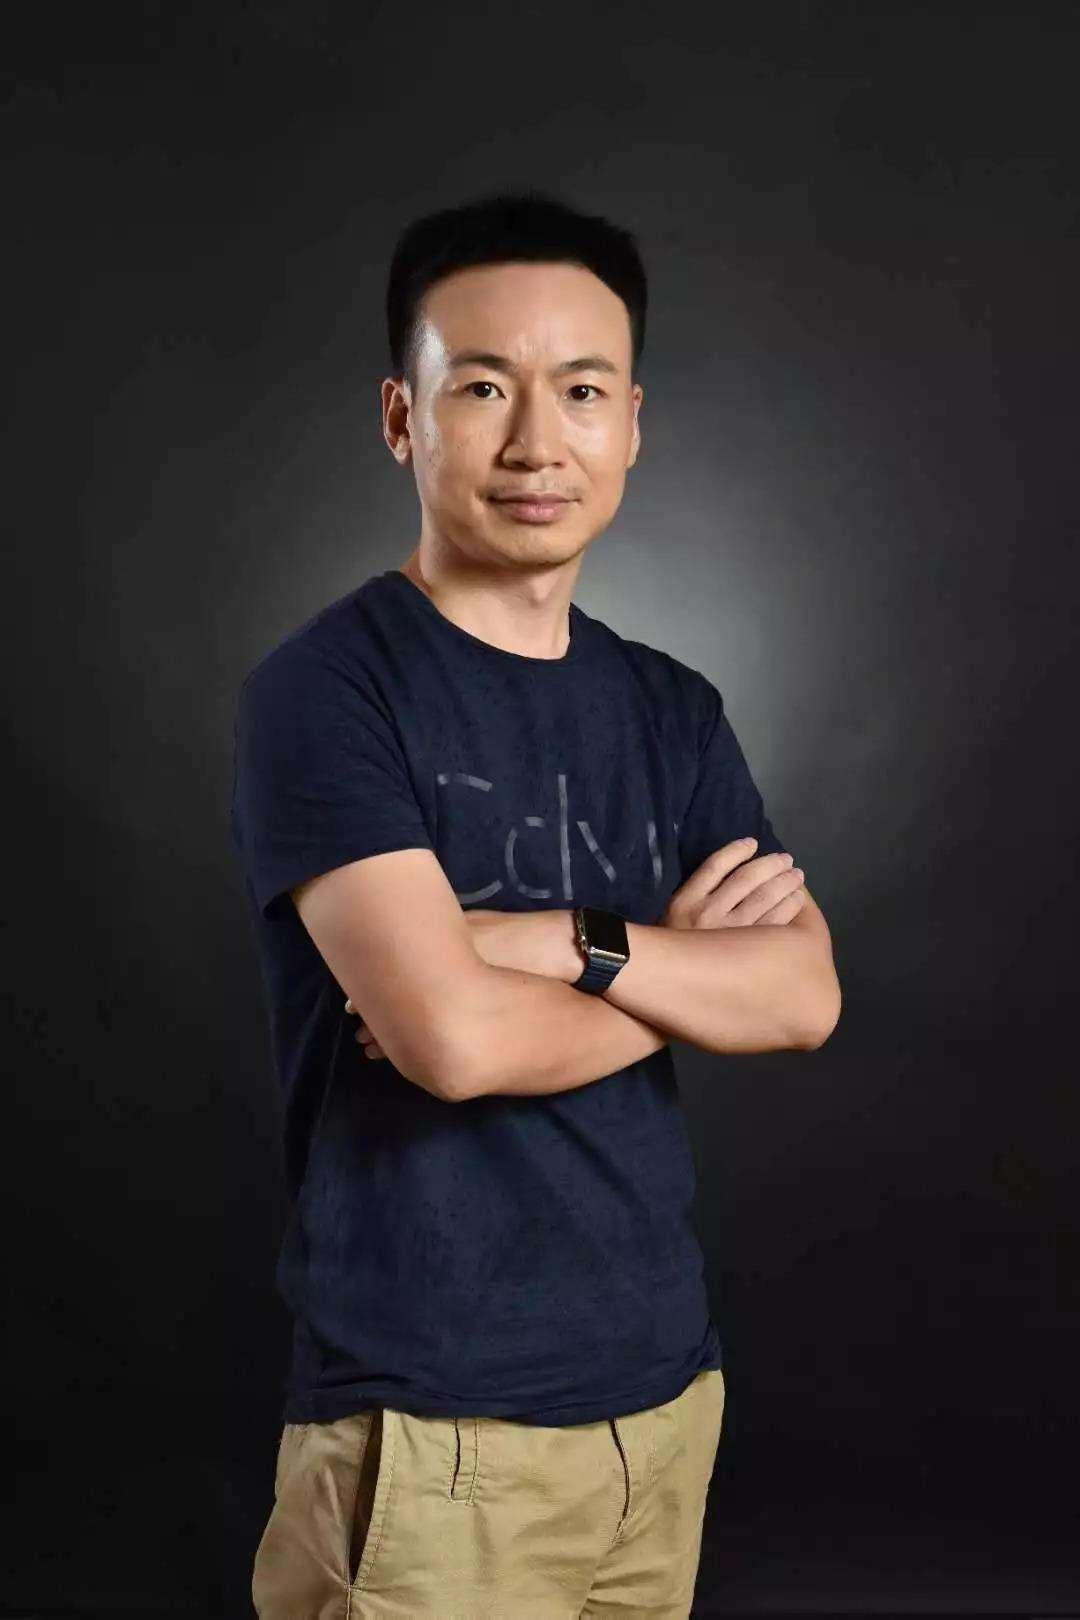 SensorsData神策数据 创始人 桑文锋